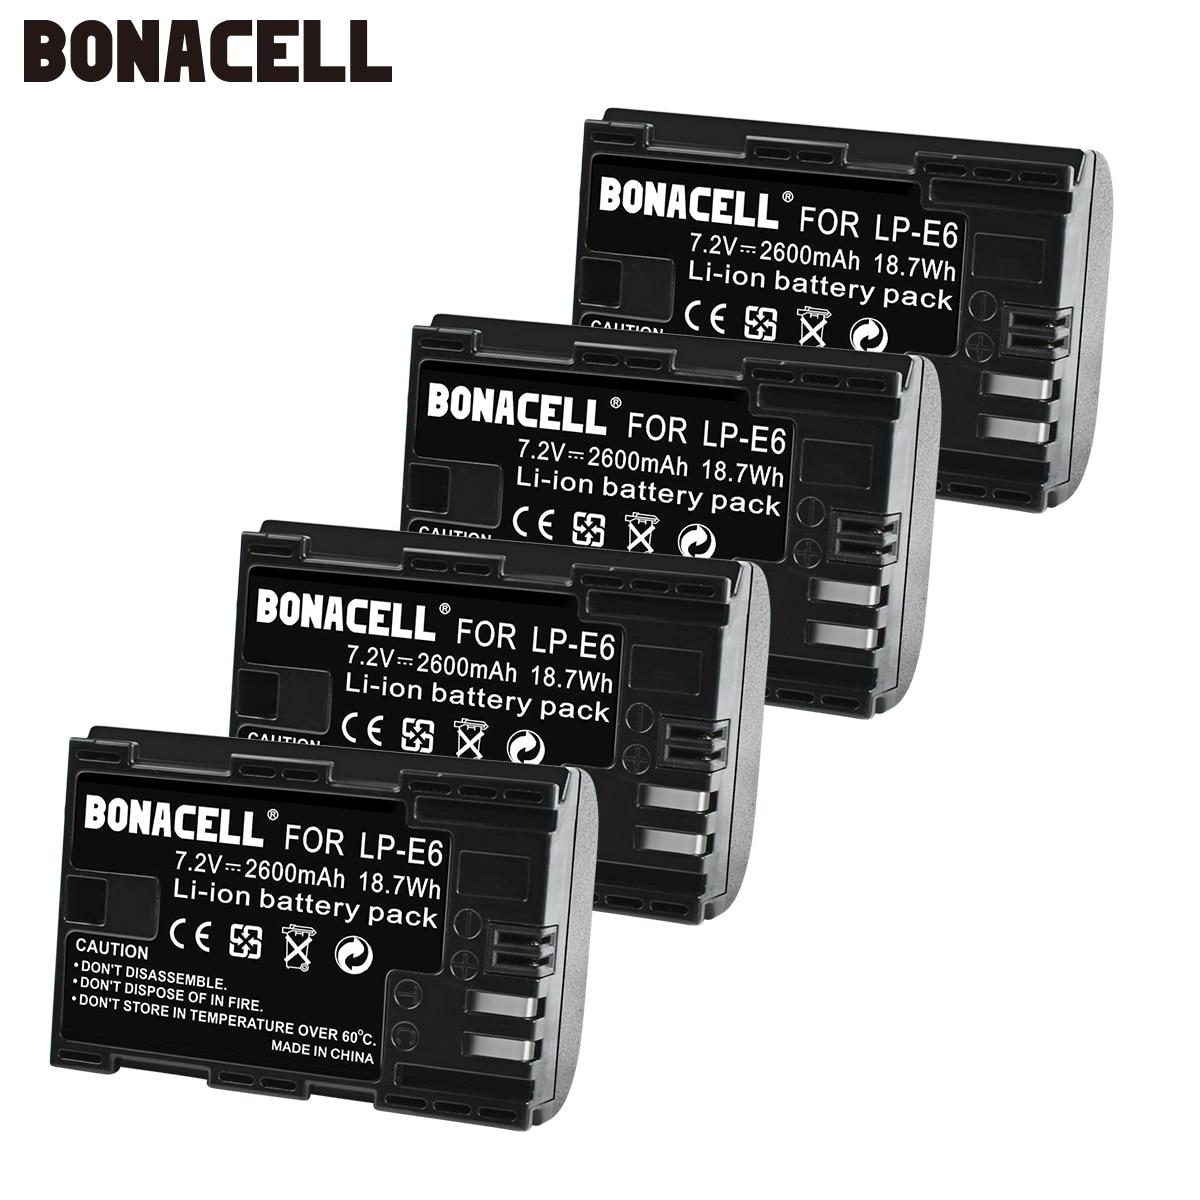 Bonacell 2600mAh LP-E6 Digital Camera Battery For Canon EOS 5D Mark II 2 III 3 6D 7D 60D 60Da 70D 80D DSLR EOS 5DS Lp E6 L10